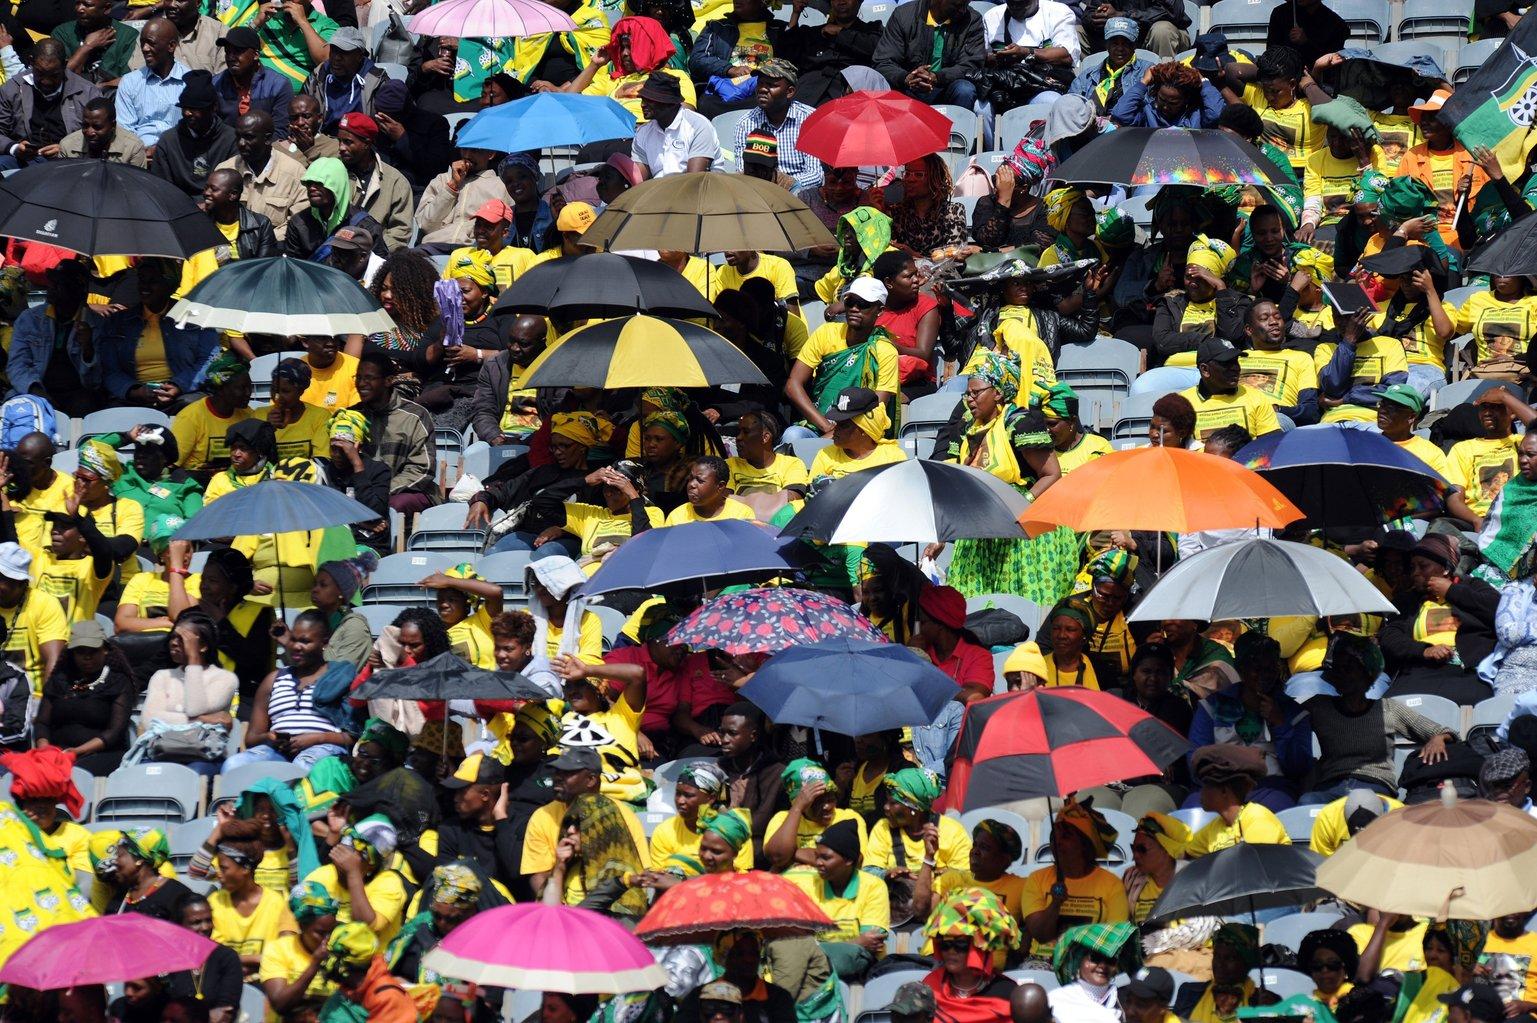 Johannesburg, 2018. április 11. Gyászolók búcsúznak Winnie Mandelától, Nelson Mandela néhai dél-afrikai elnök és Nobel-békedíjas politikus második feleségétől az Orlando Stadionban tartott gyászszertartáson a Johannesburgtól 27 kilométerre, délnyugatra fekvő Sowetóban 2018. április 11-én. Winnie Mandela, az apartheid elleni küzdelem harcosa 2018. április 2-án, hosszú betegség után 81 éves korában hunyt el a johannesburgi Netcare Milpark kórházban. (MTI/EPA)